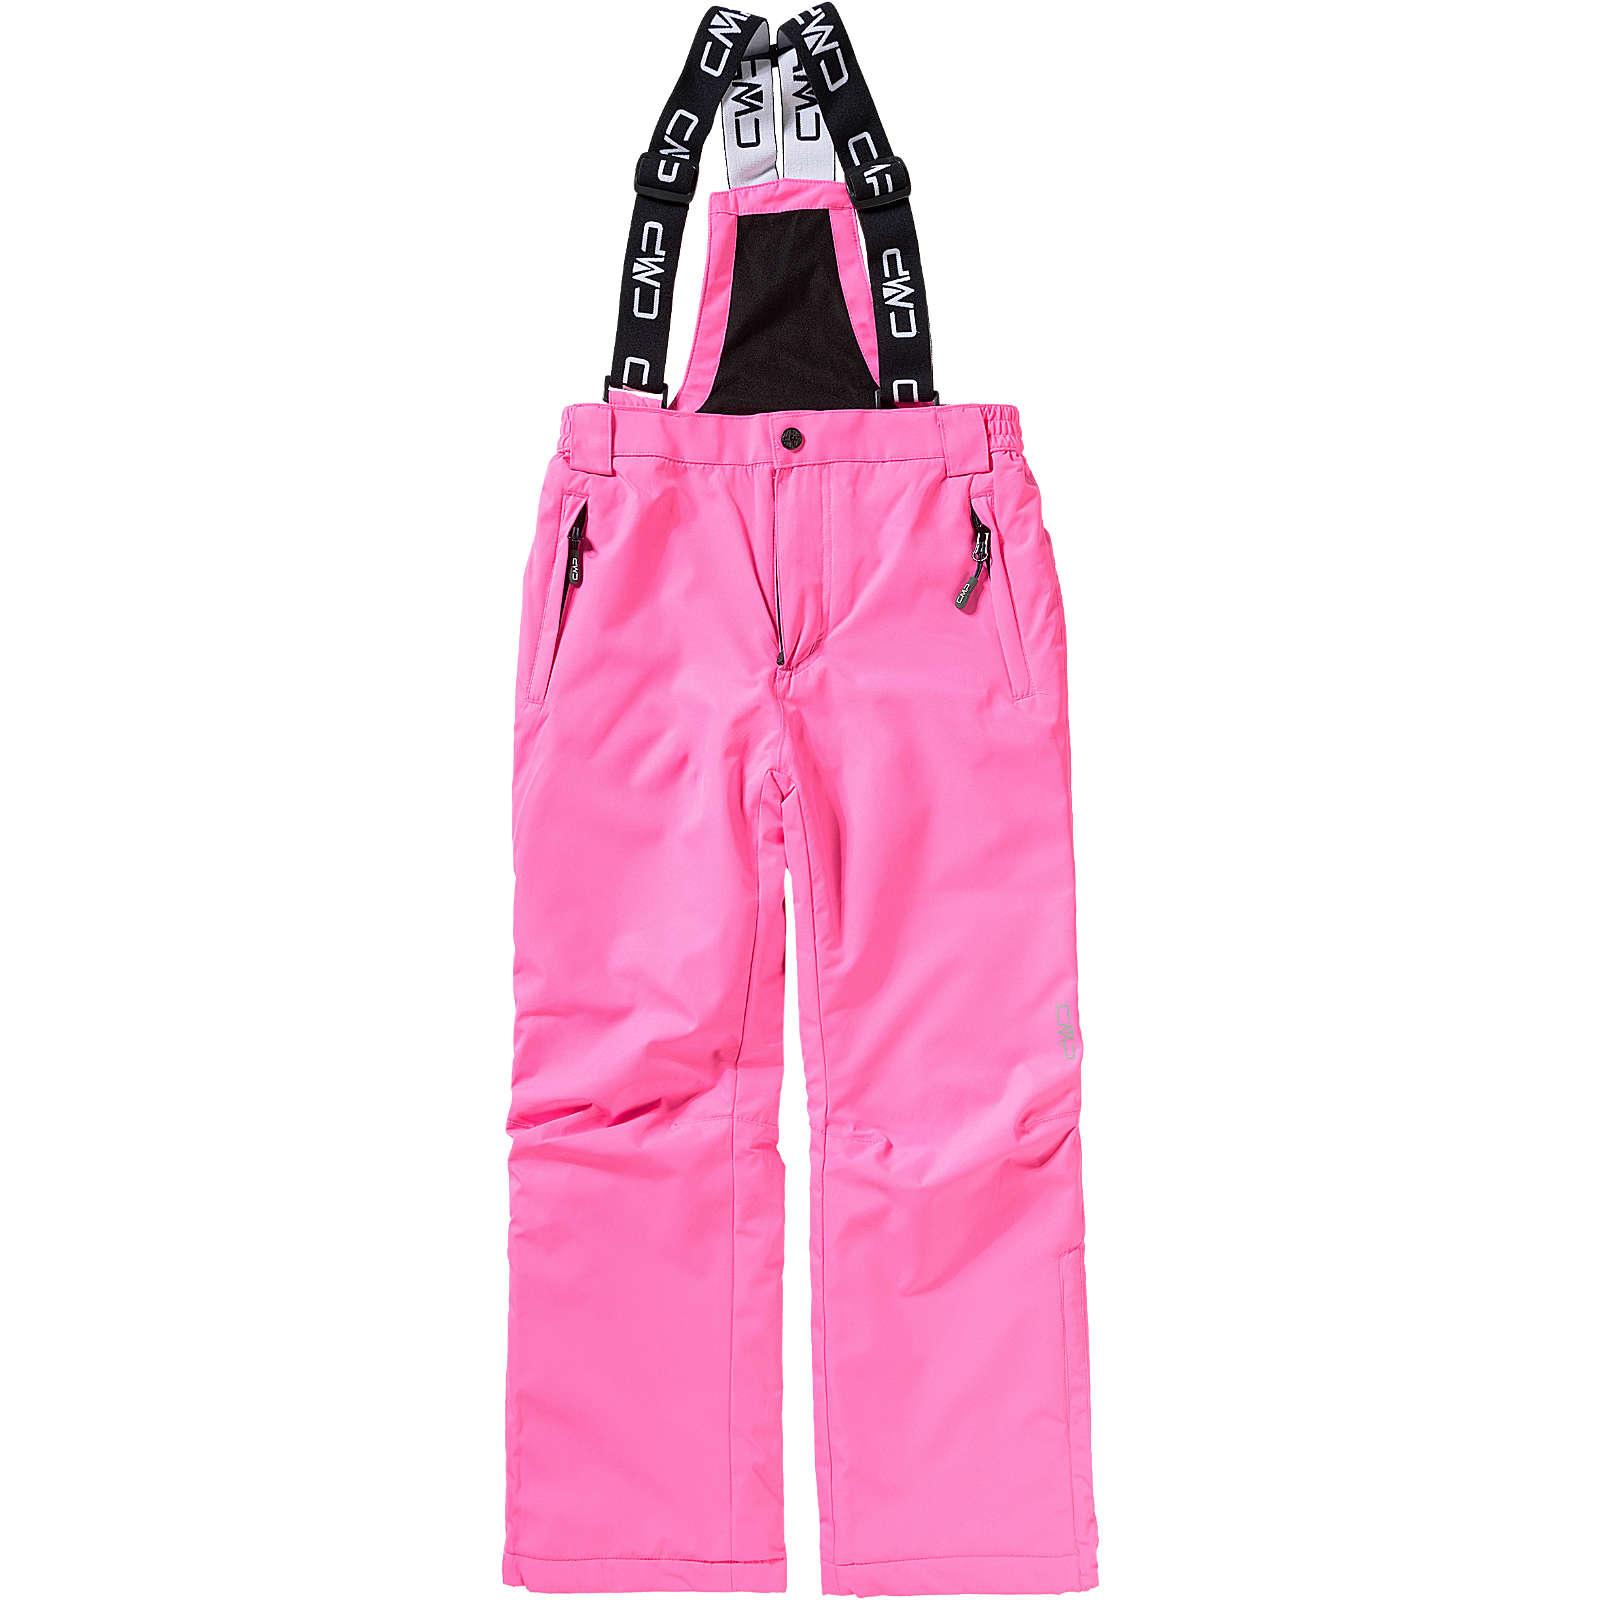 CMP Skihose für Mädchen pink Gr. 176 8058361340763 jetztbilligerkaufen.de